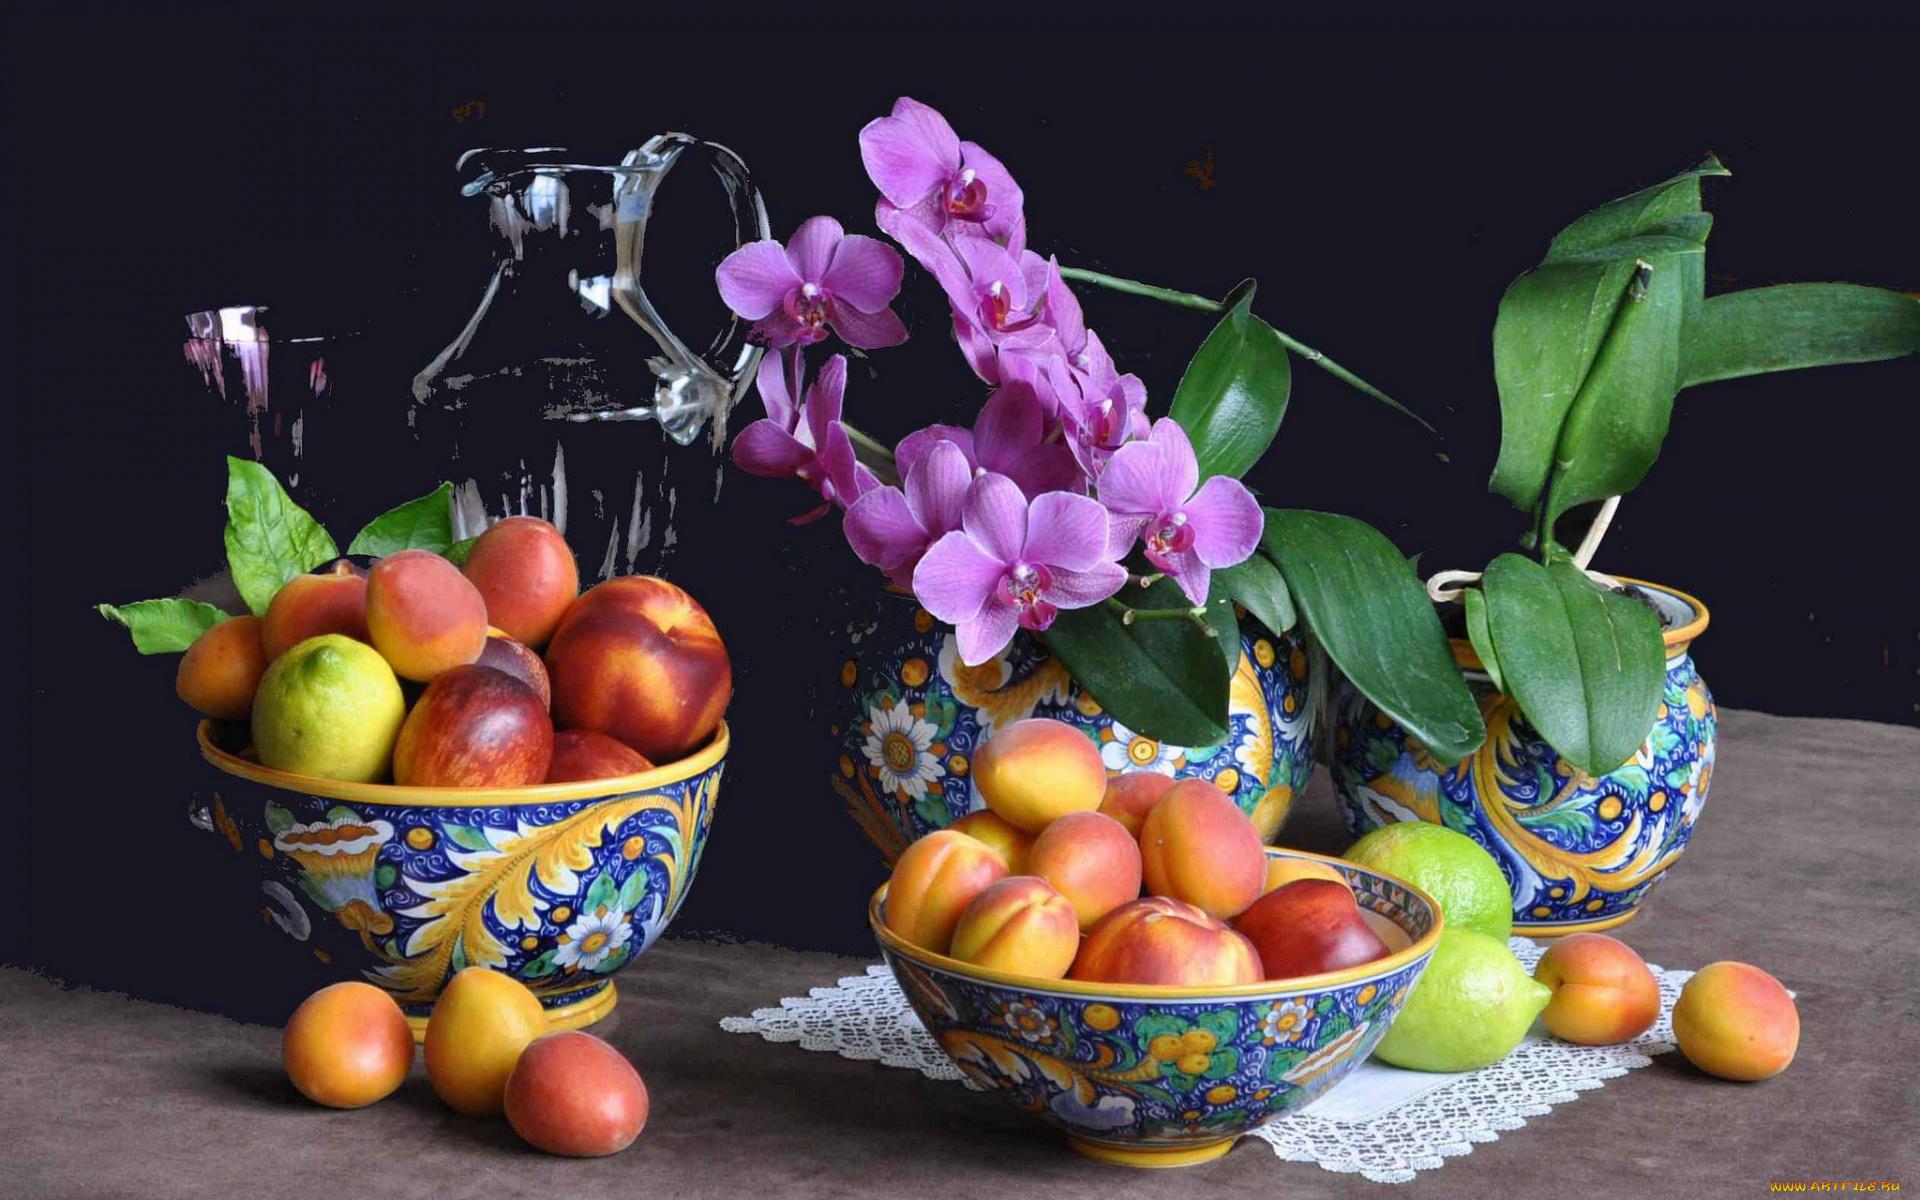 обои на рабочий стол натюрморт с цветами и фруктами № 226387 бесплатно